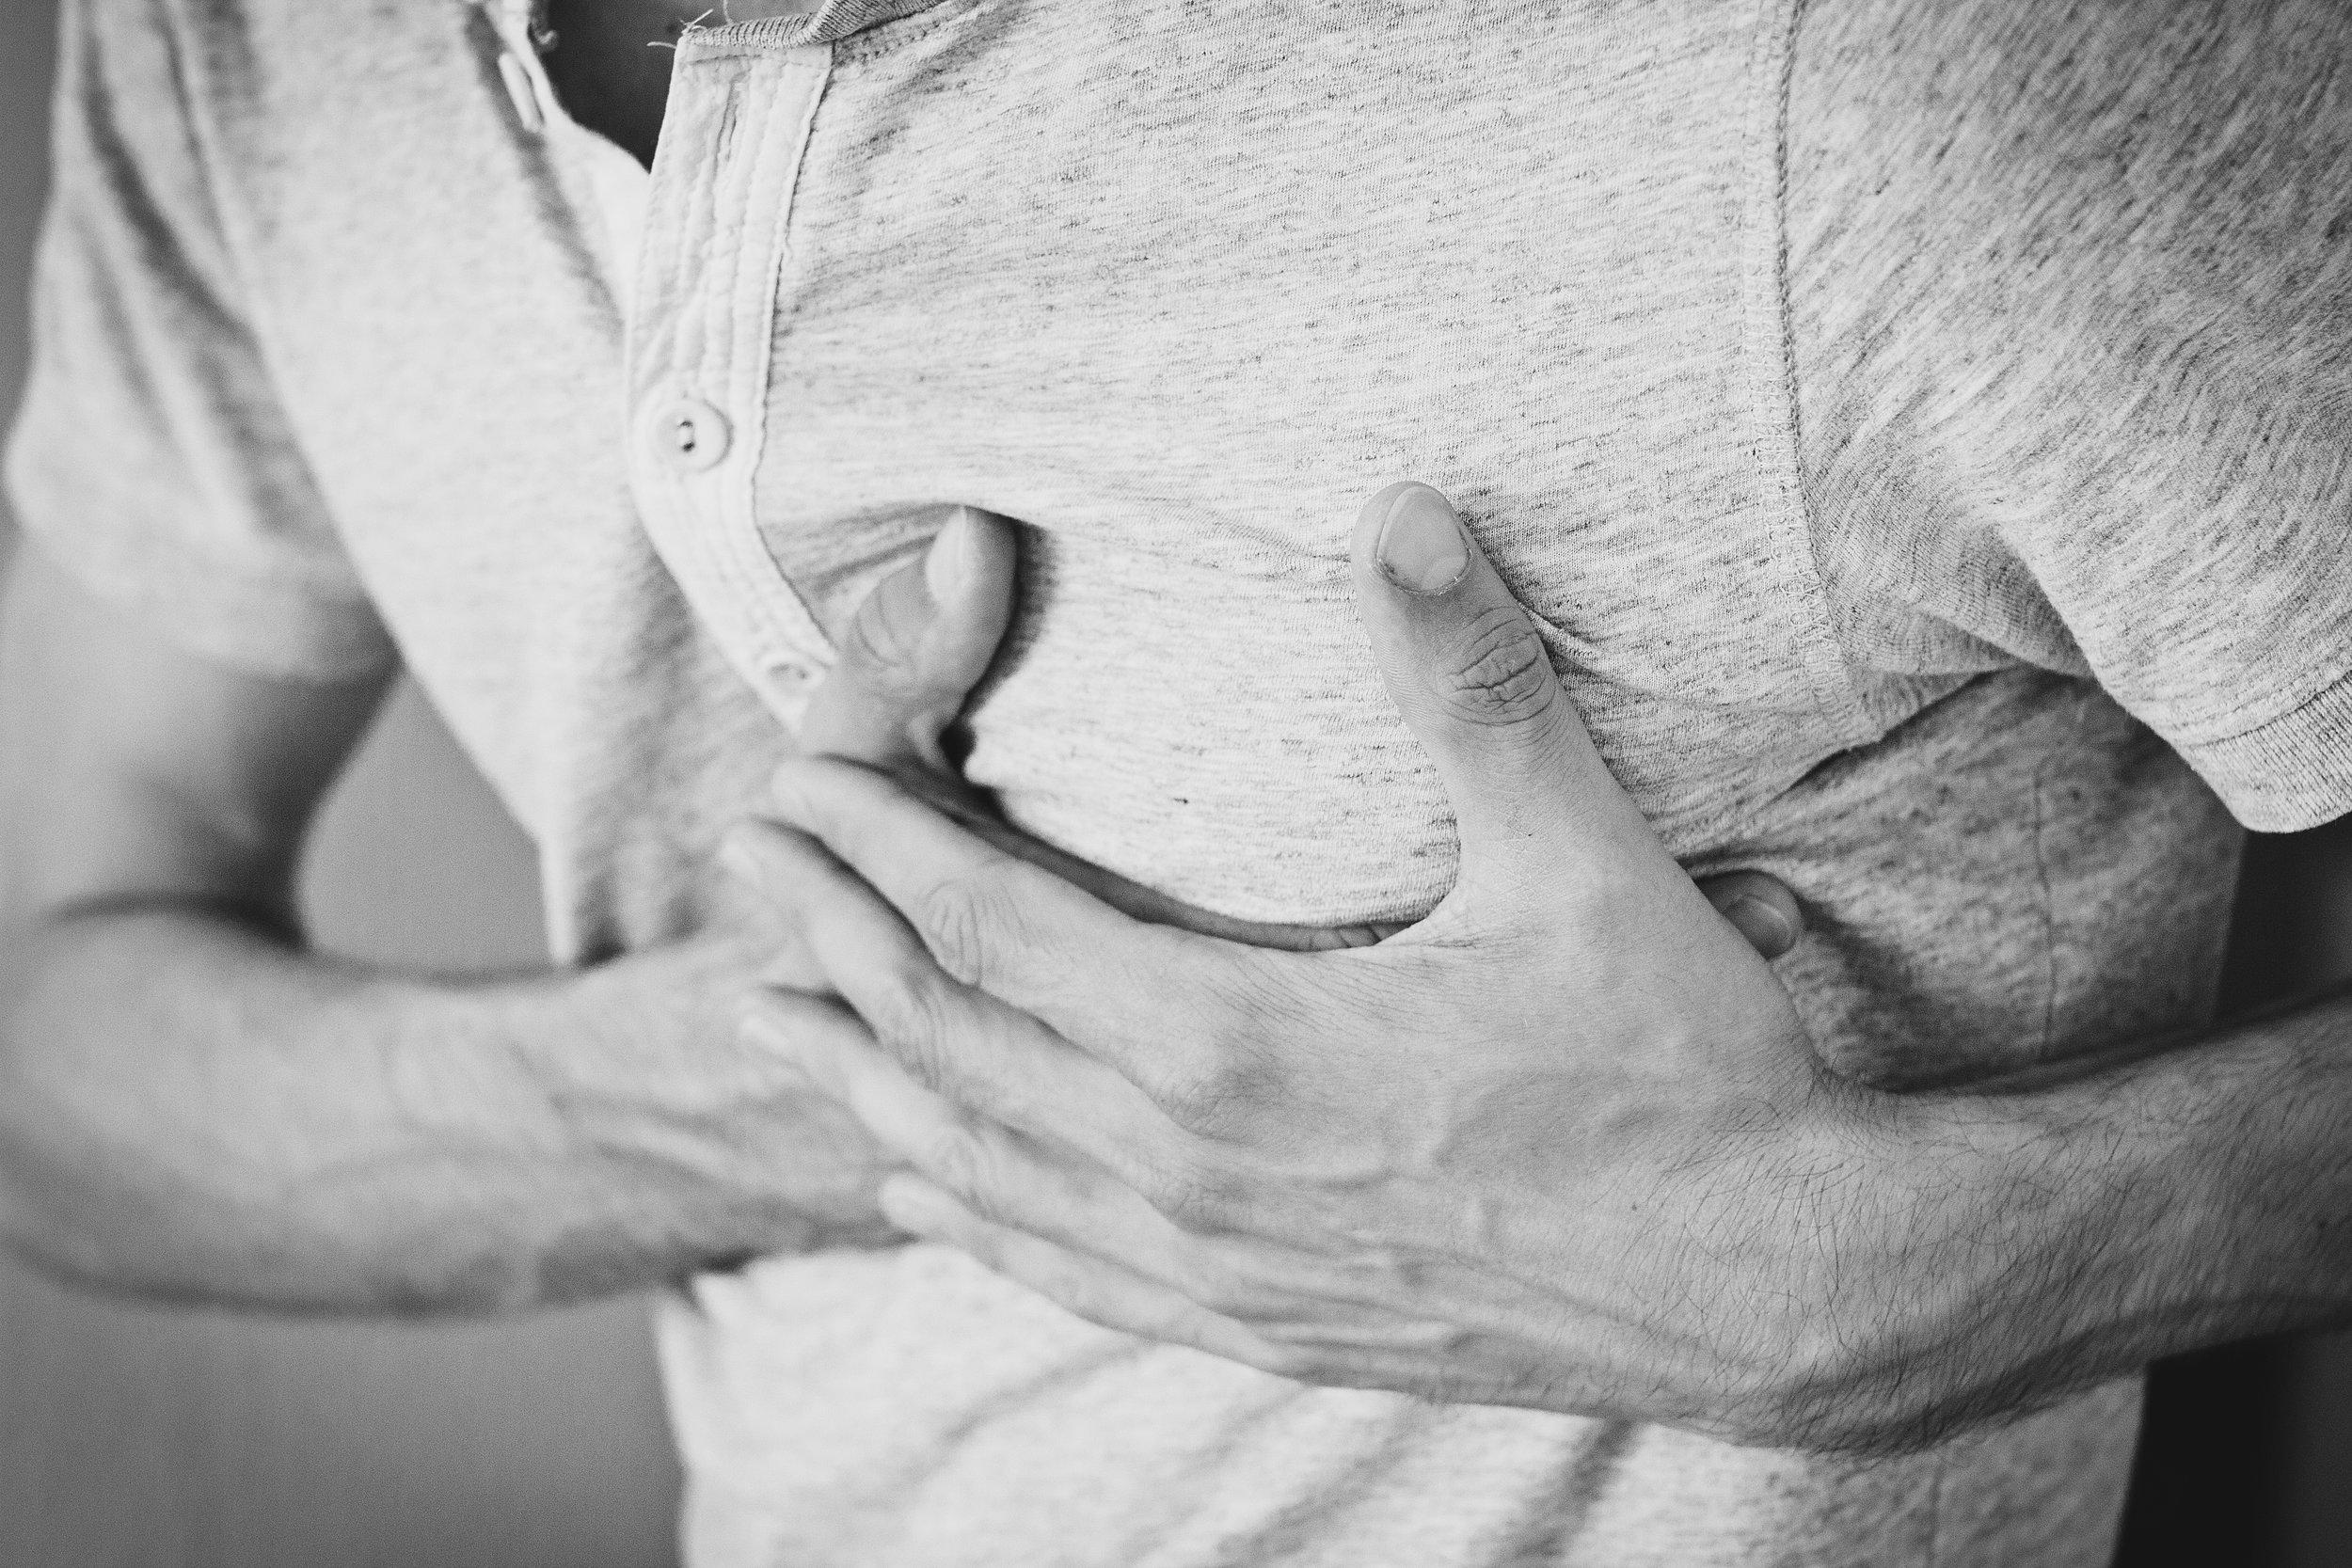 Assessing pain, agitation, and delirium